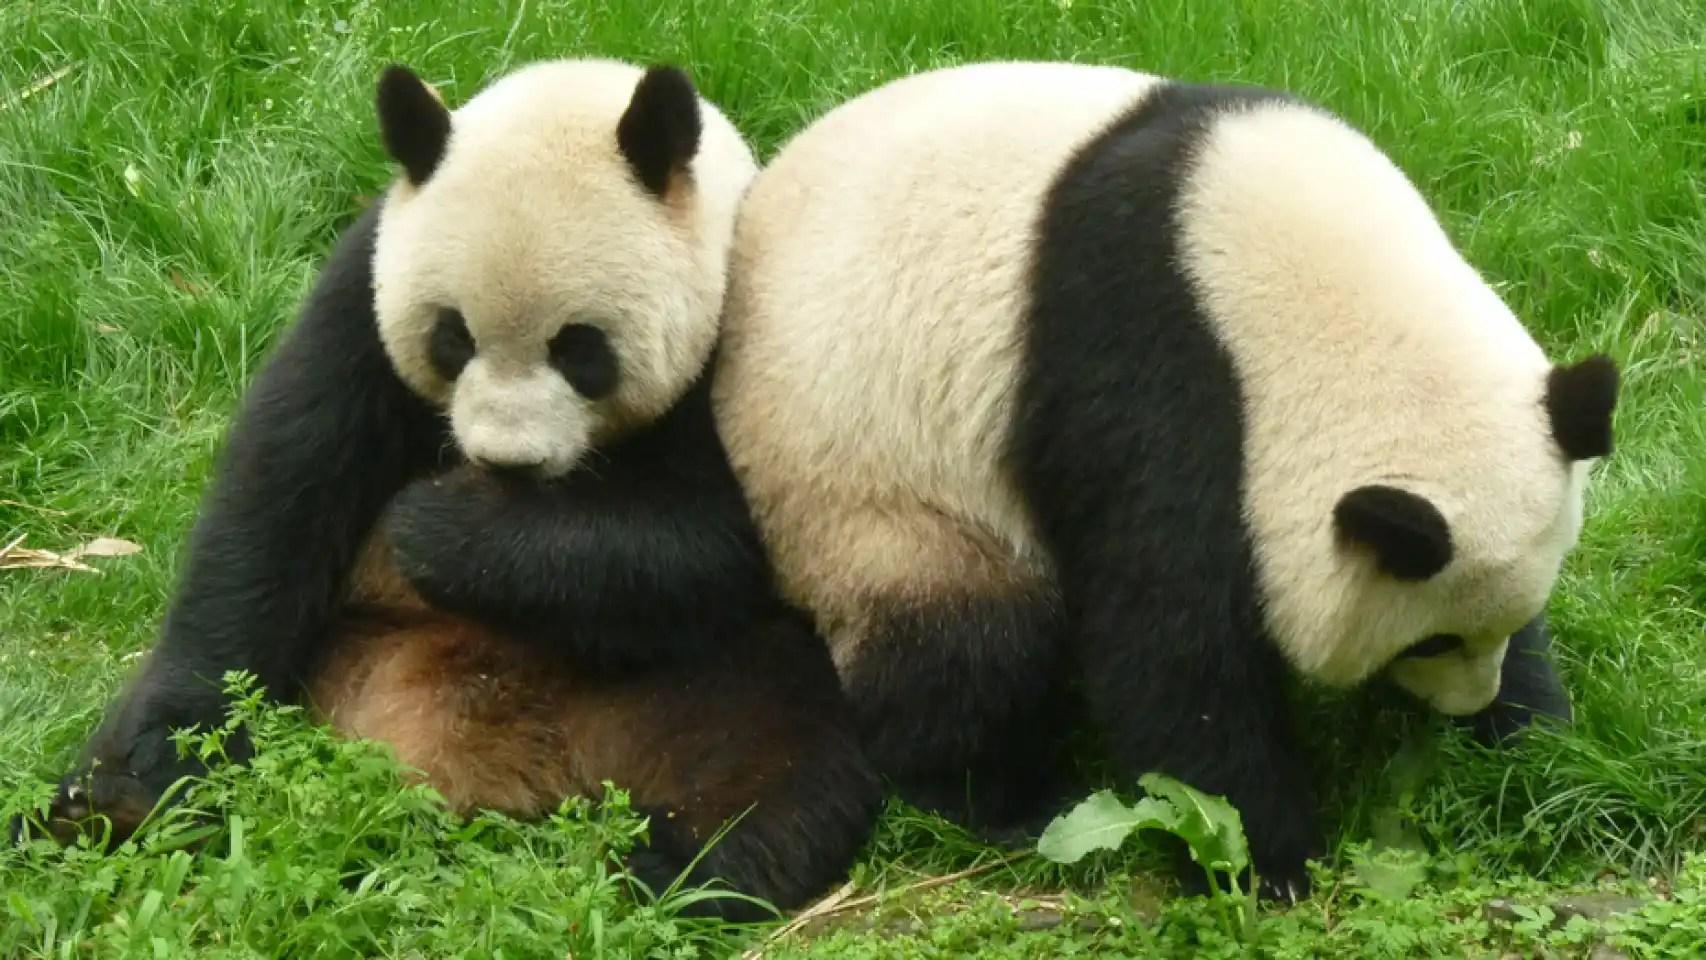 Los osos panda siguen siendo vulnerables en estado salvaje.